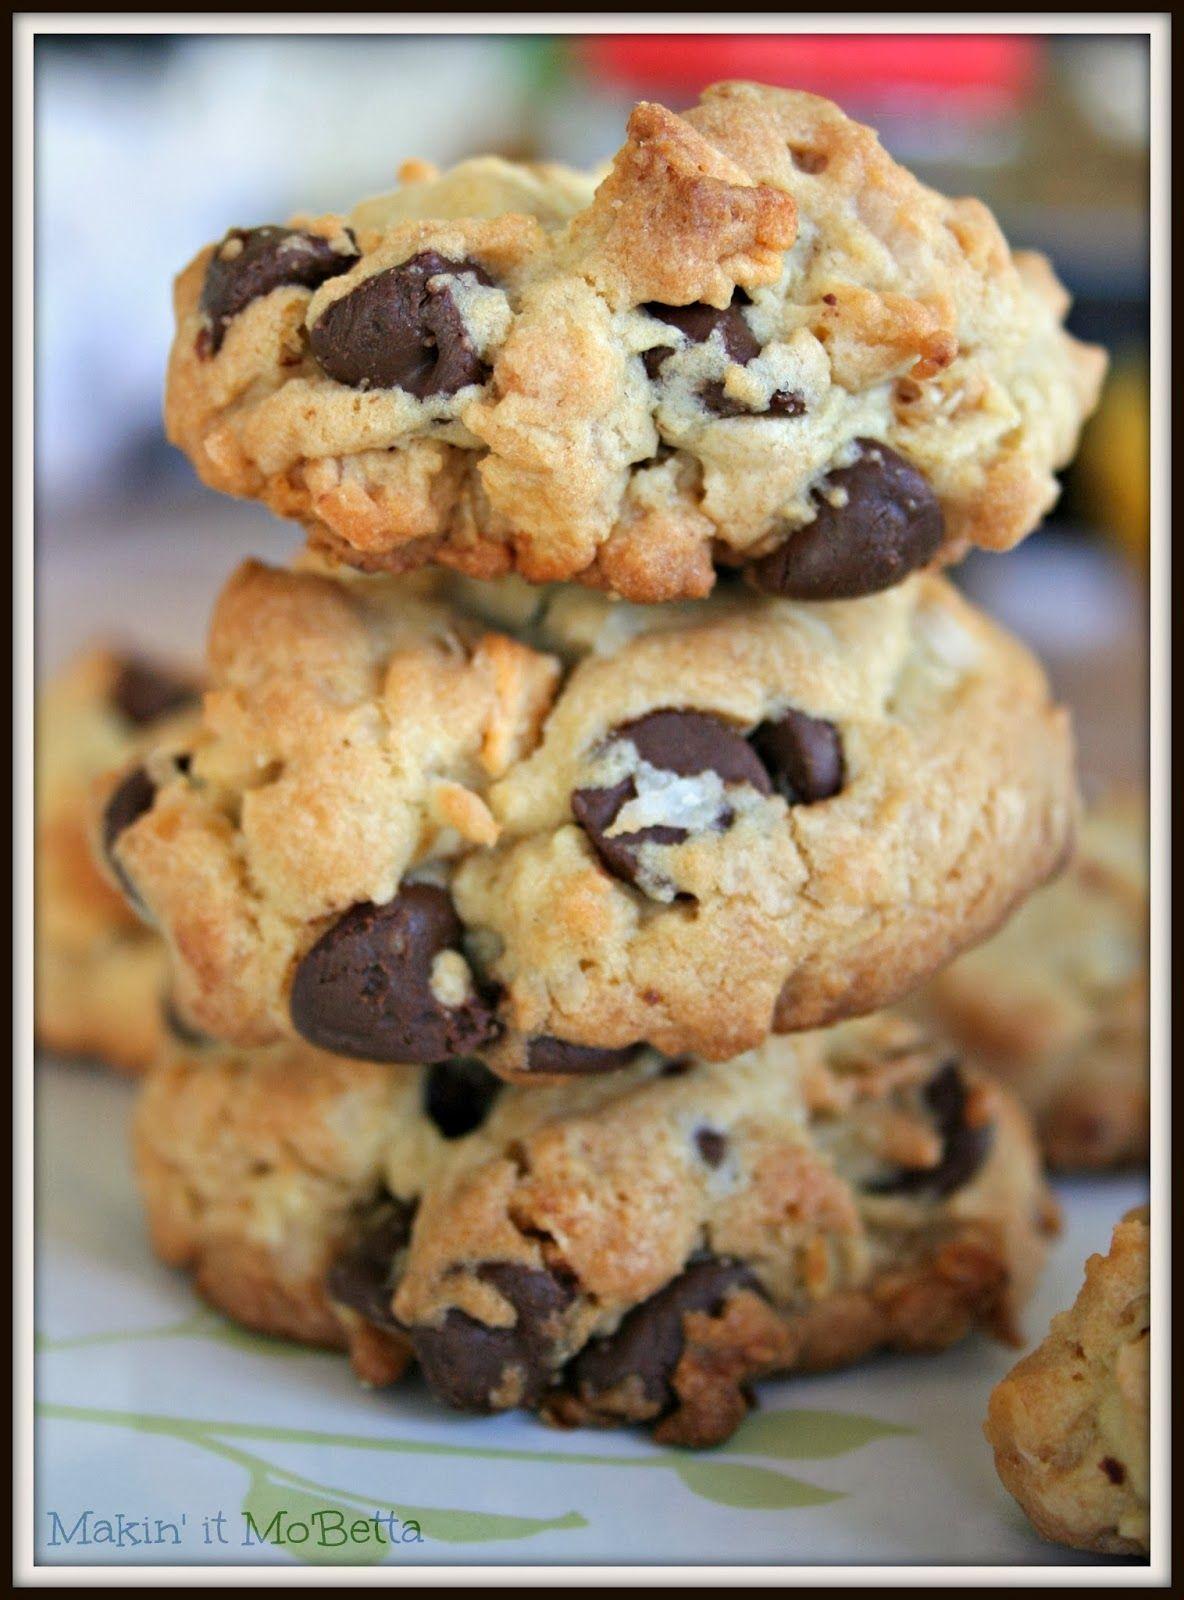 Makin' it Mo' Betta: Chocolate Chip Granola Cookies #apeekintomyparadise #tastytuesdays #recipe #cookies